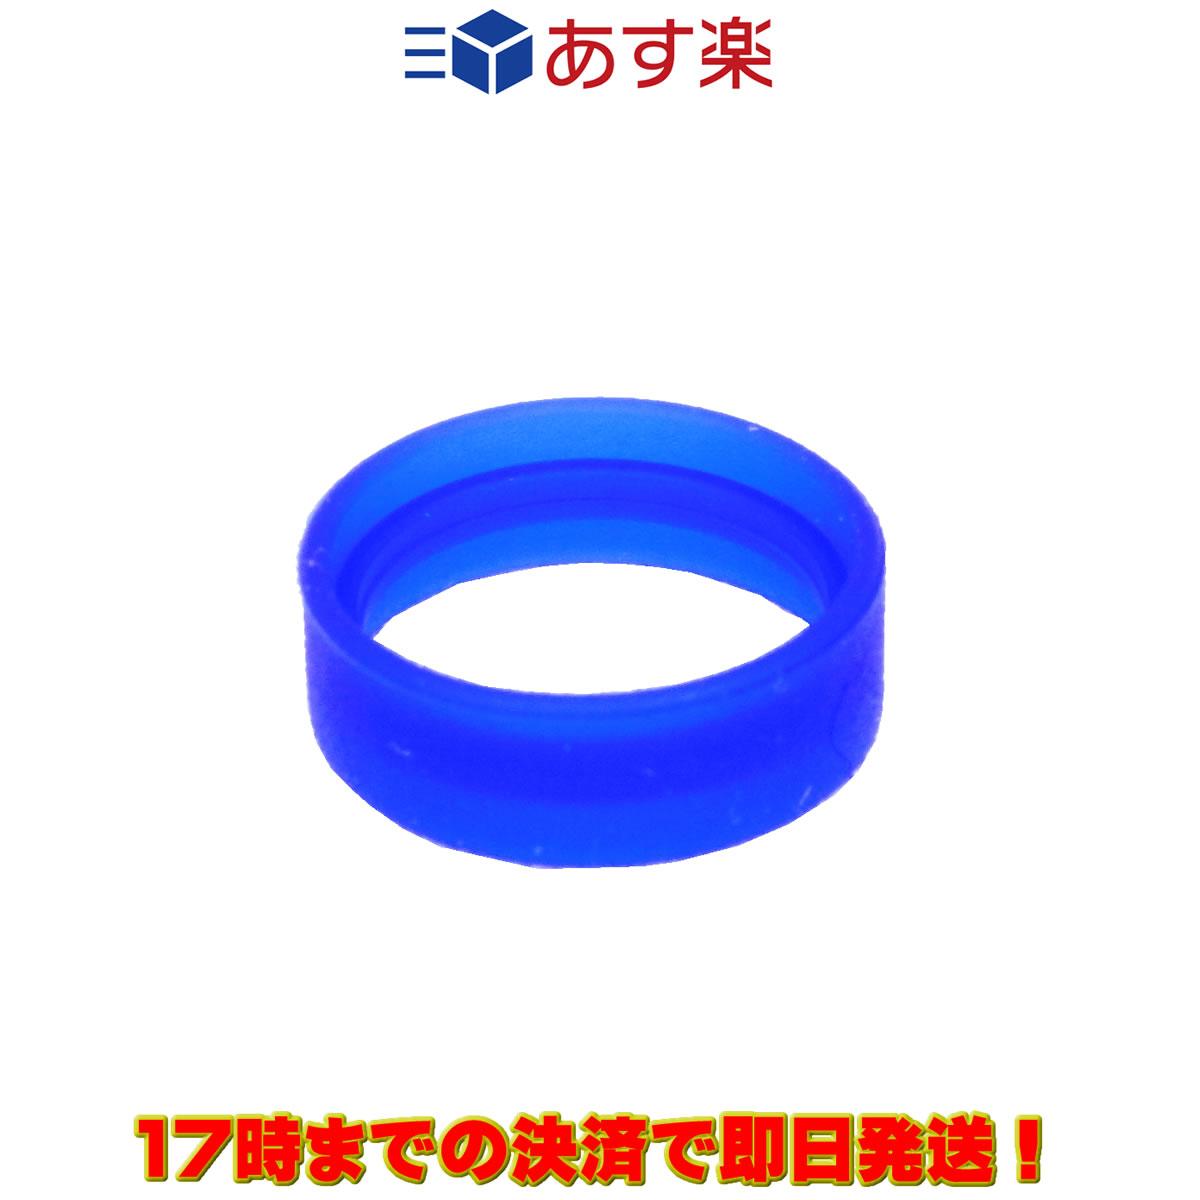 【ラッキーシール対応】 ANTENNA BAND BLUE S8003161 FTH-615/615L/635用 1個